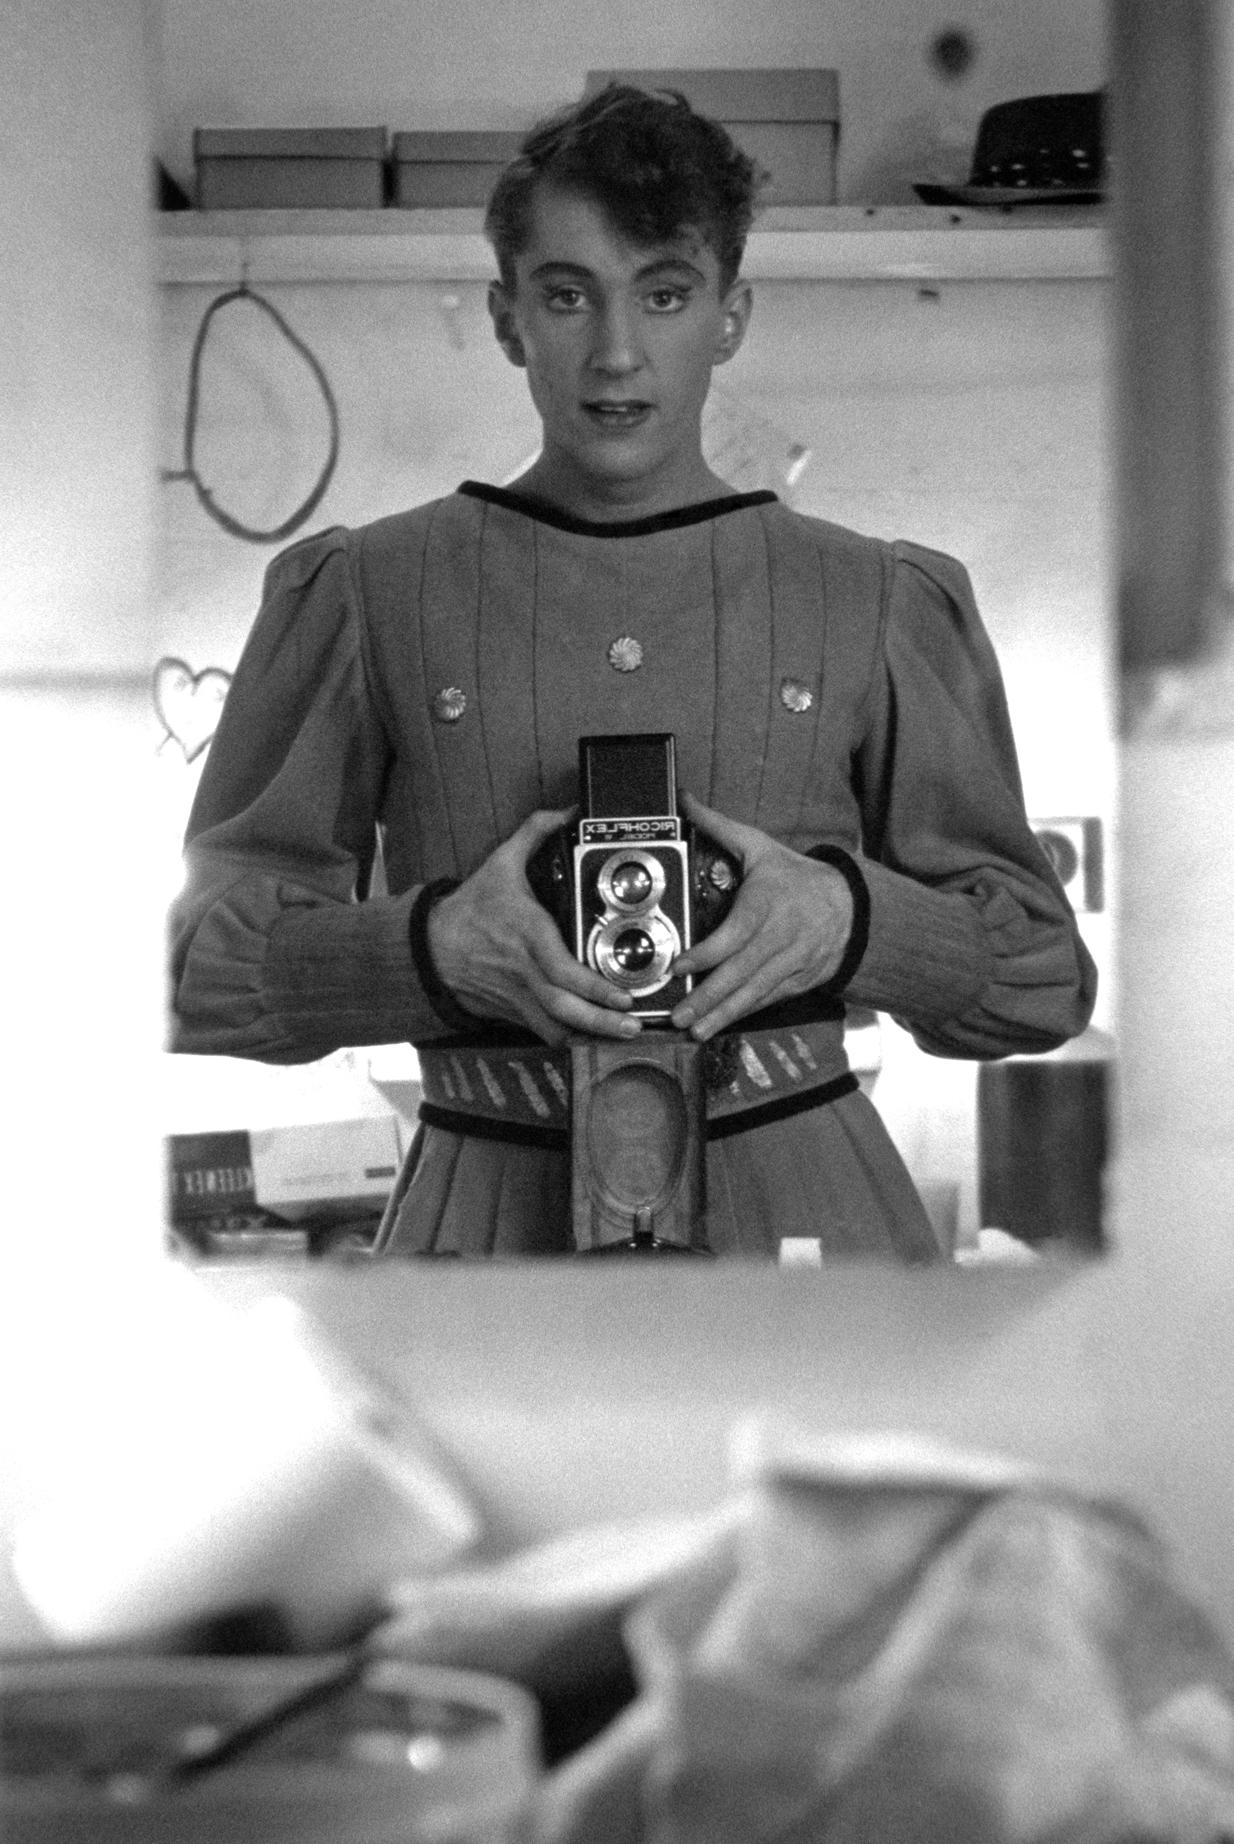 Ο Κόλιν Τζόουνς αυτοφωτογραφίζεται στα καμαρίνια του θεάτρου Εmbassy στο Σίδνεϊ, το 1958. Ηταν η πρώτη φωτογραφία που τράβηξε, με κάμερα που αγόρασε όταν τον είχε στείλει για μια εξωτερική δουλειά η Μαργκότ Φοντέιν. Εκτοτε ξεκίνησε να φωτογραφίζει τους συναδέλφους του στο Βασιλικό Μπαλέτο